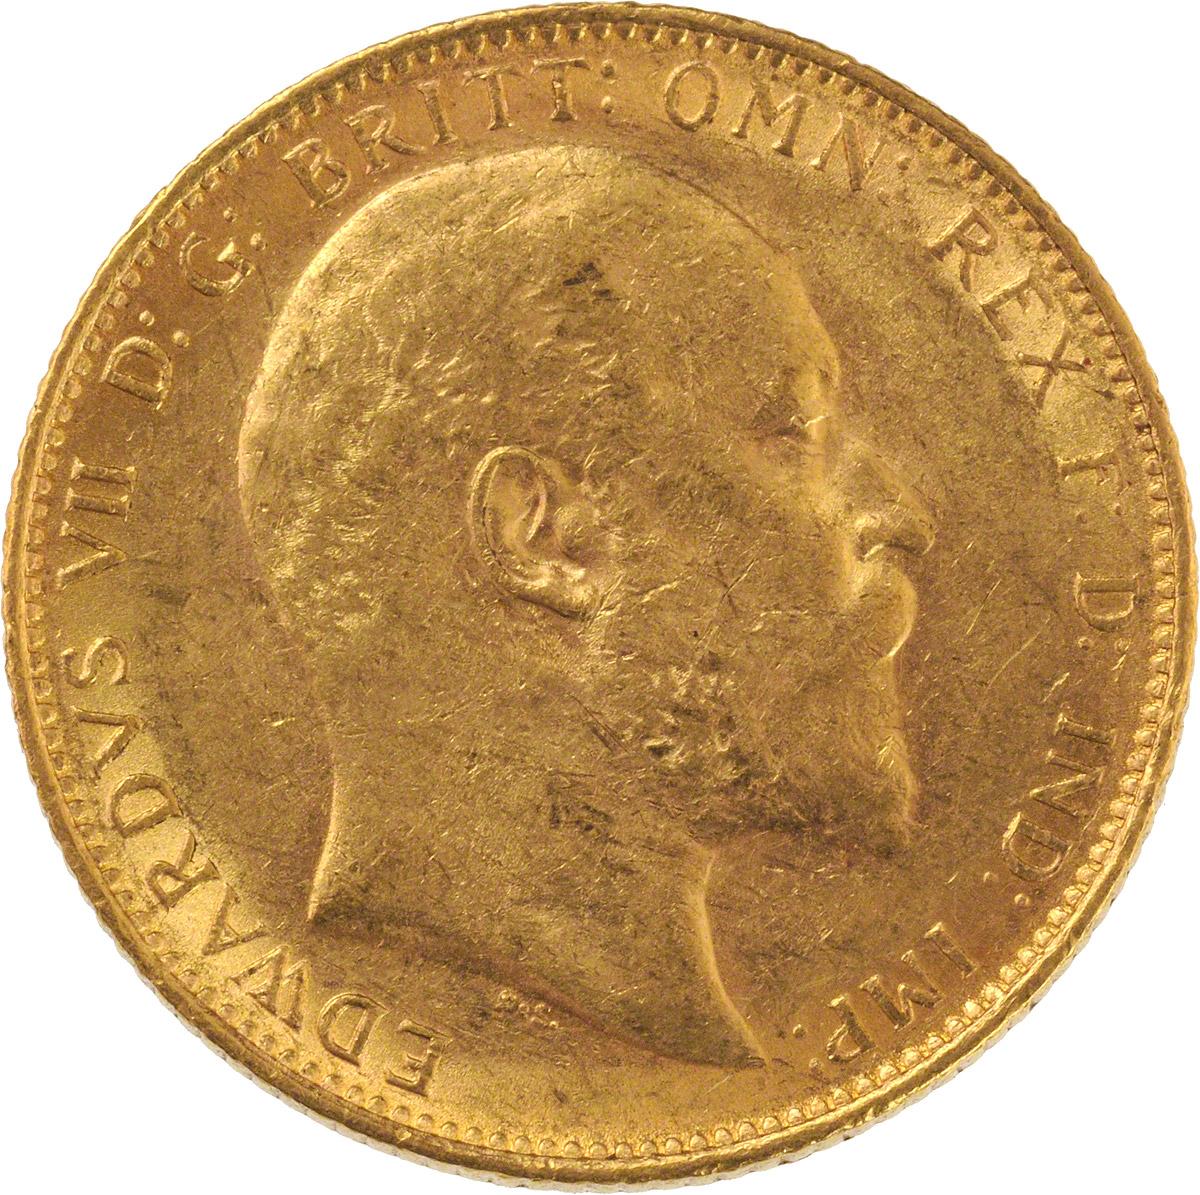 1906 Εδουάρδος Ζ' (Νομισματοκοπείο Μελβούρνης)